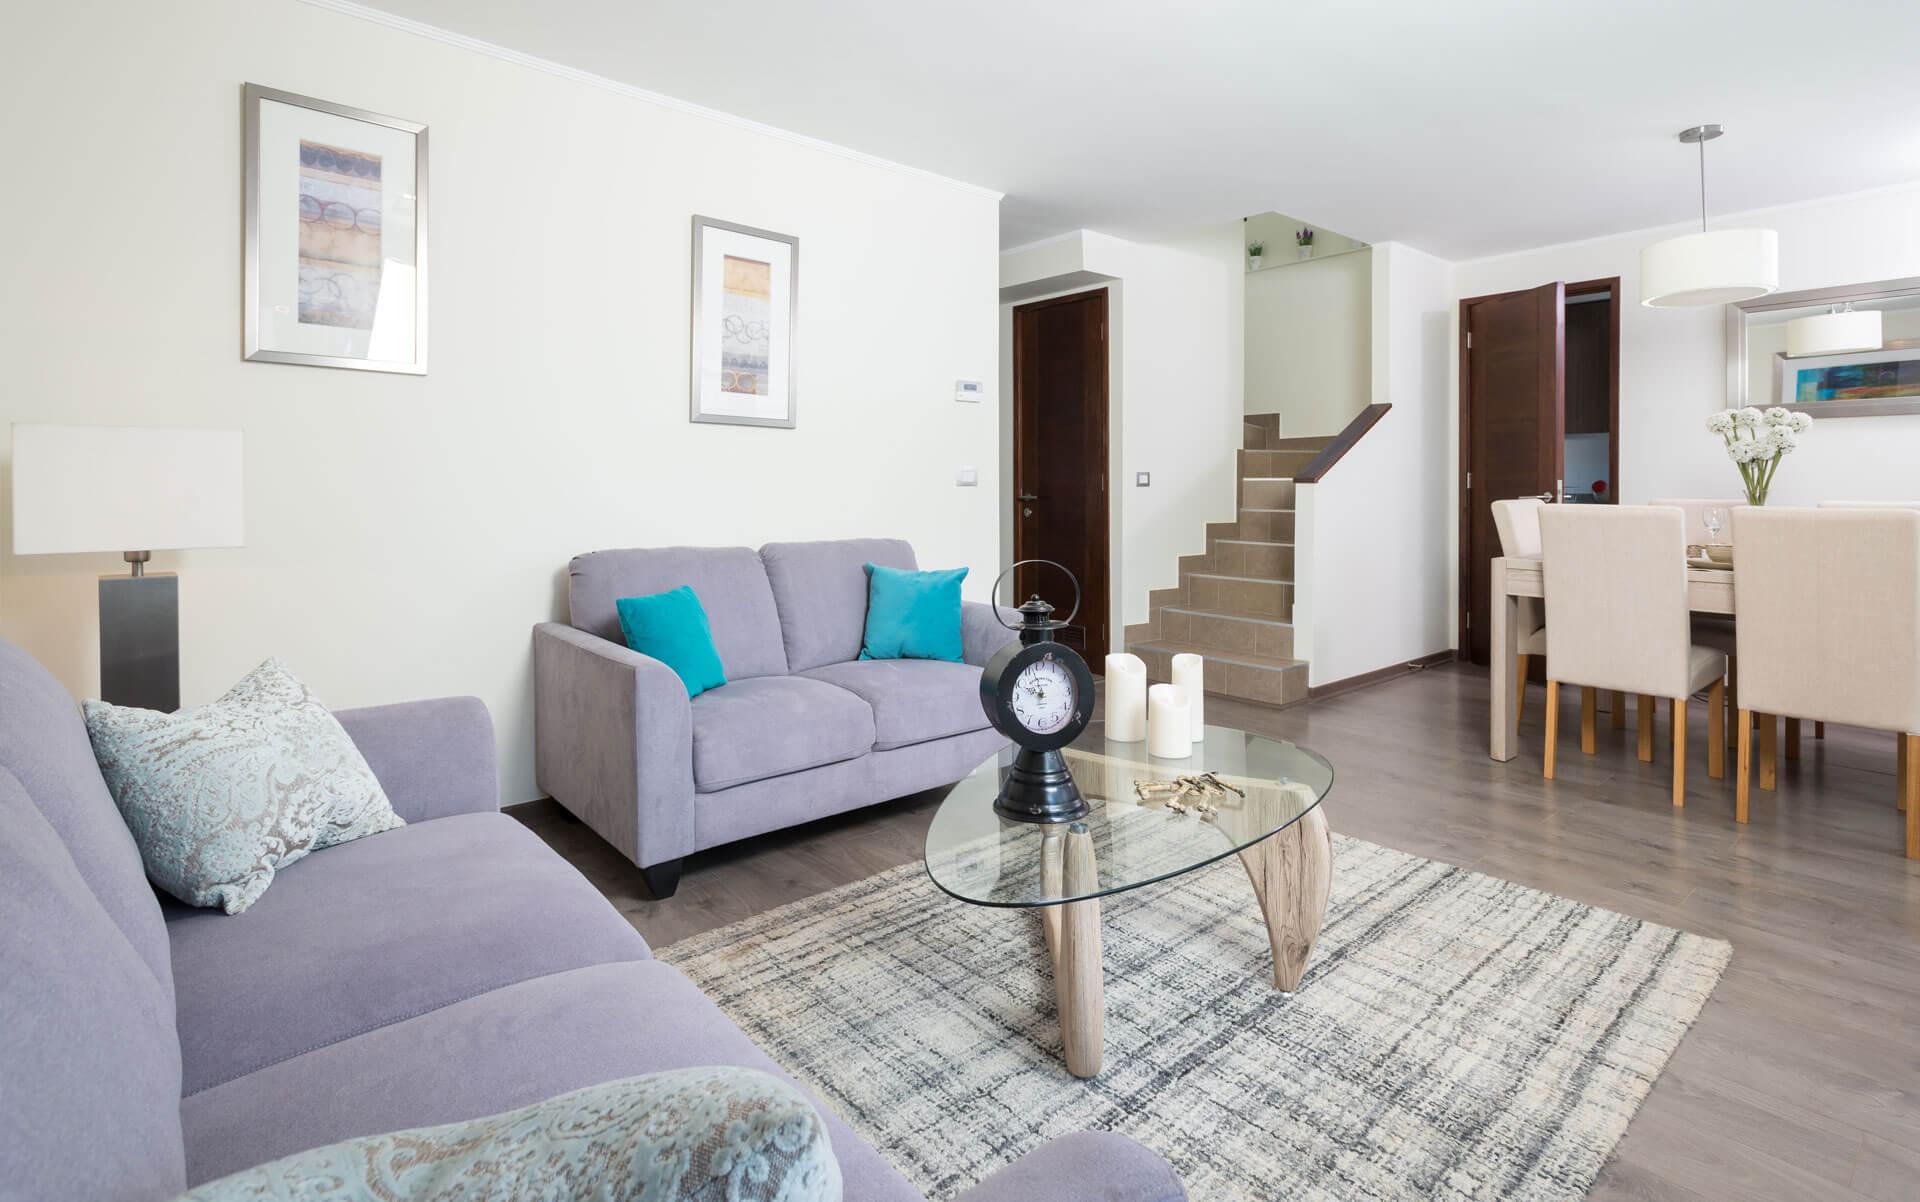 dubois-condominio-versalles-living-comedor